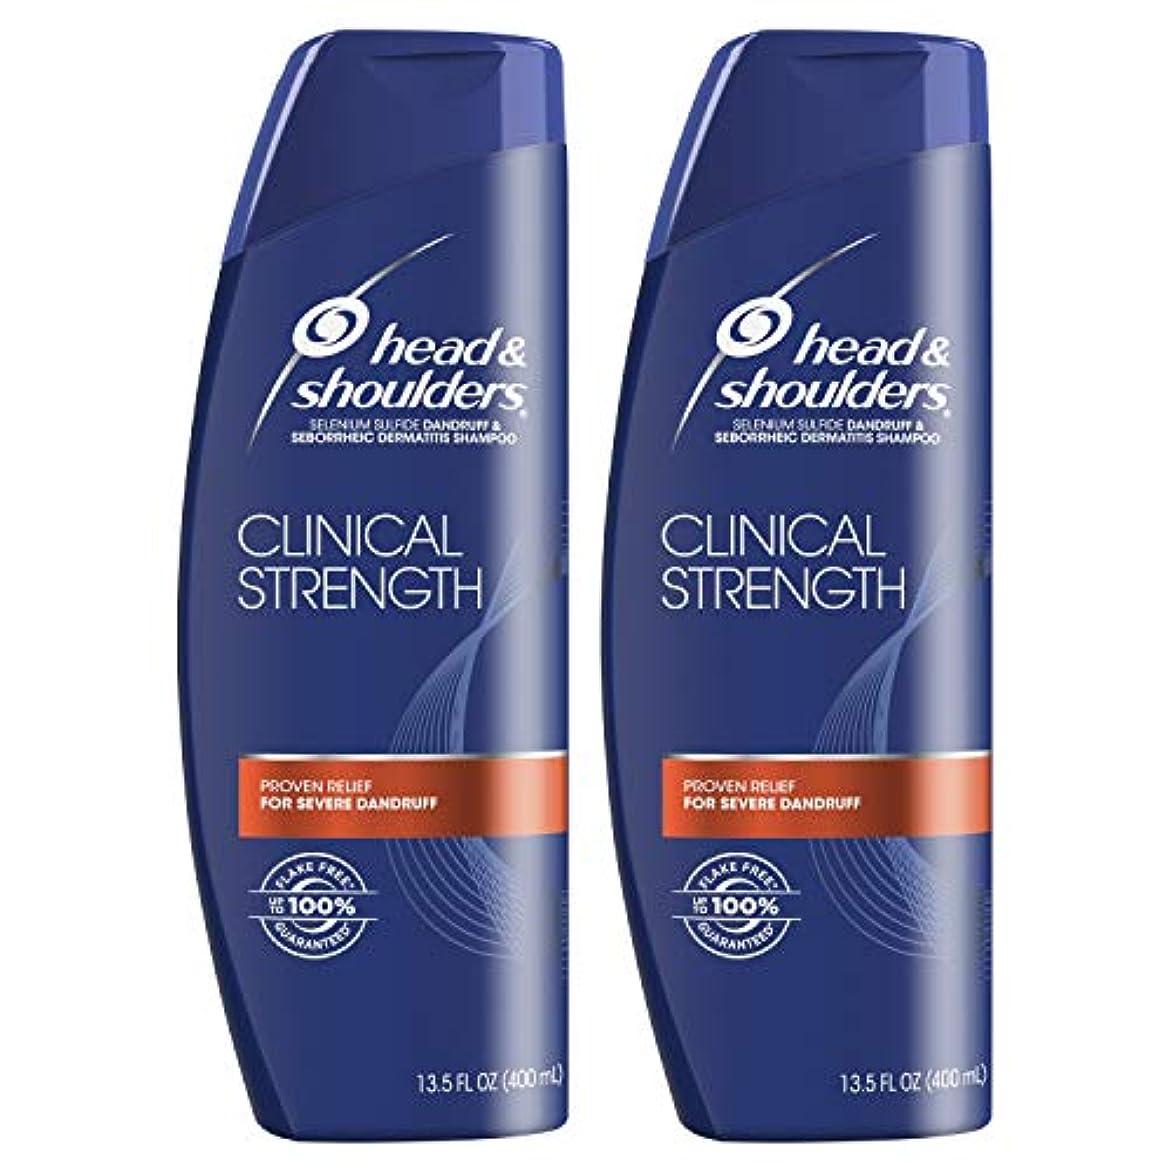 キャッチ期待してラケットHead and Shoulders Clinical Strength Dandruff and Seborrheic Dermatitisシャンプー、13.5 FL OZ